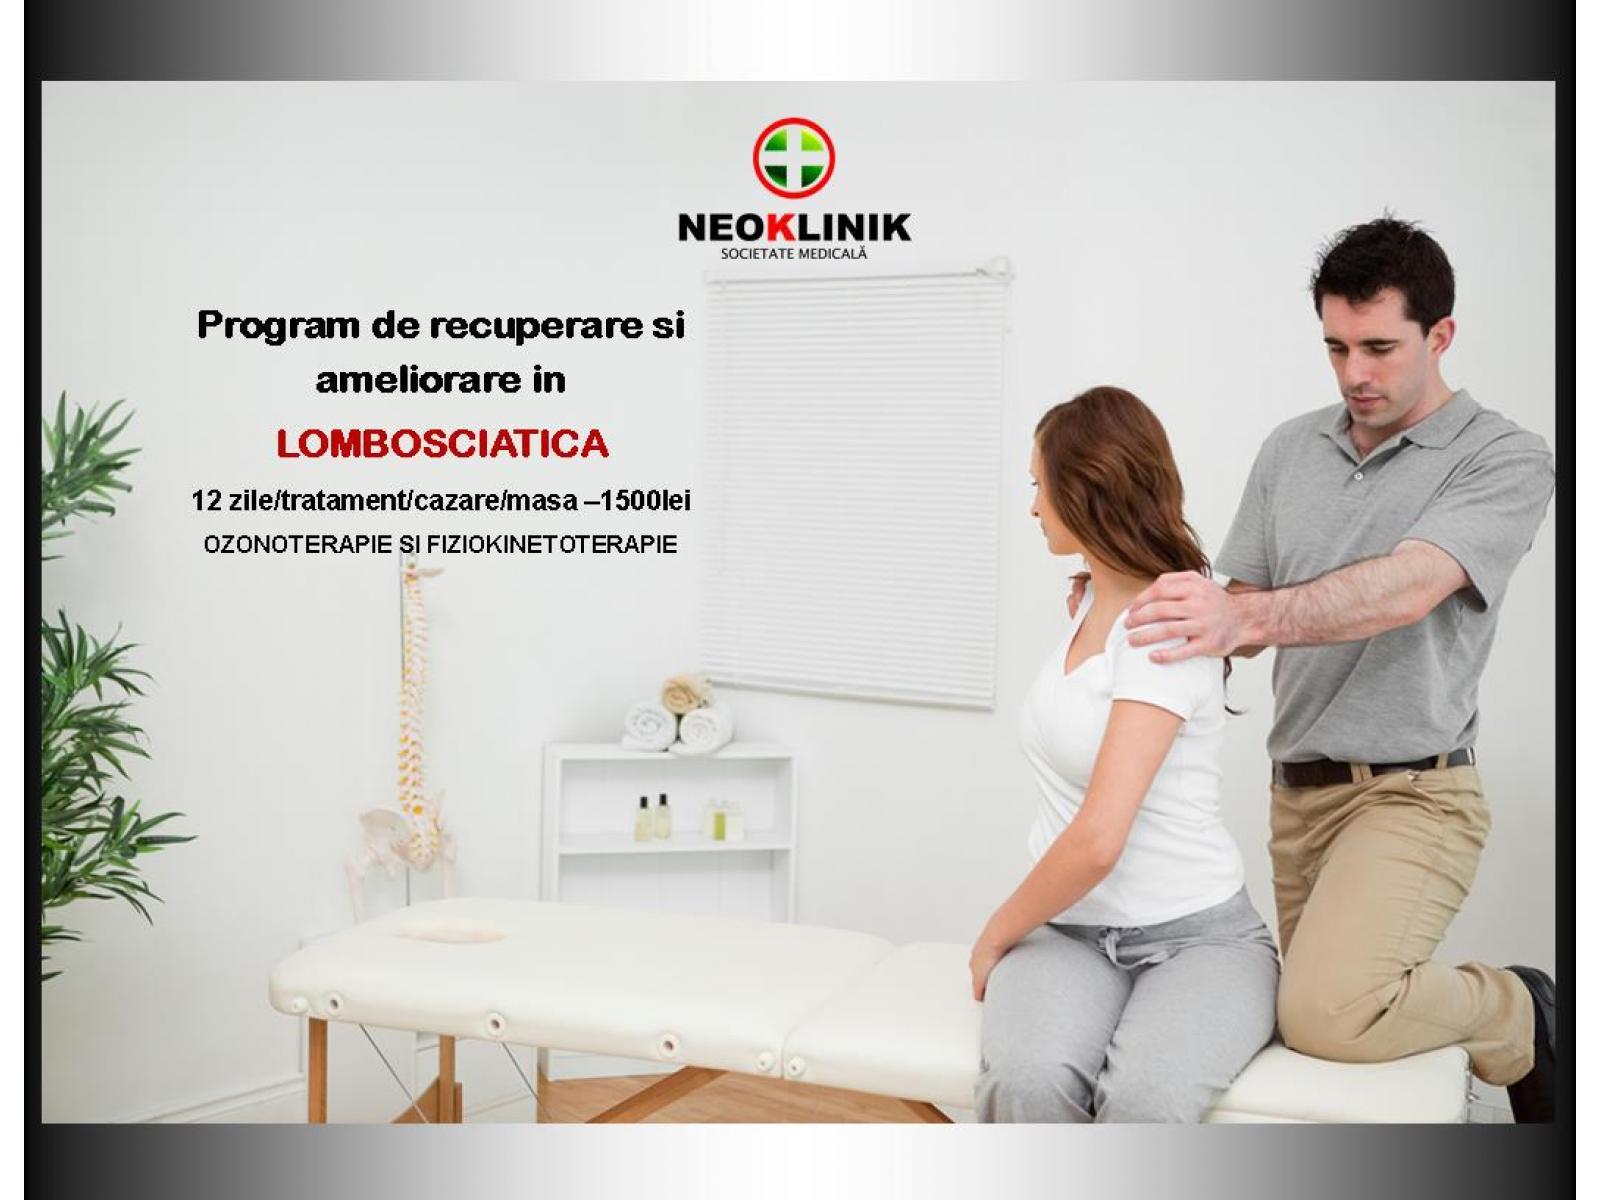 NeoKlinik - LOMBOSCIATICA.jpg